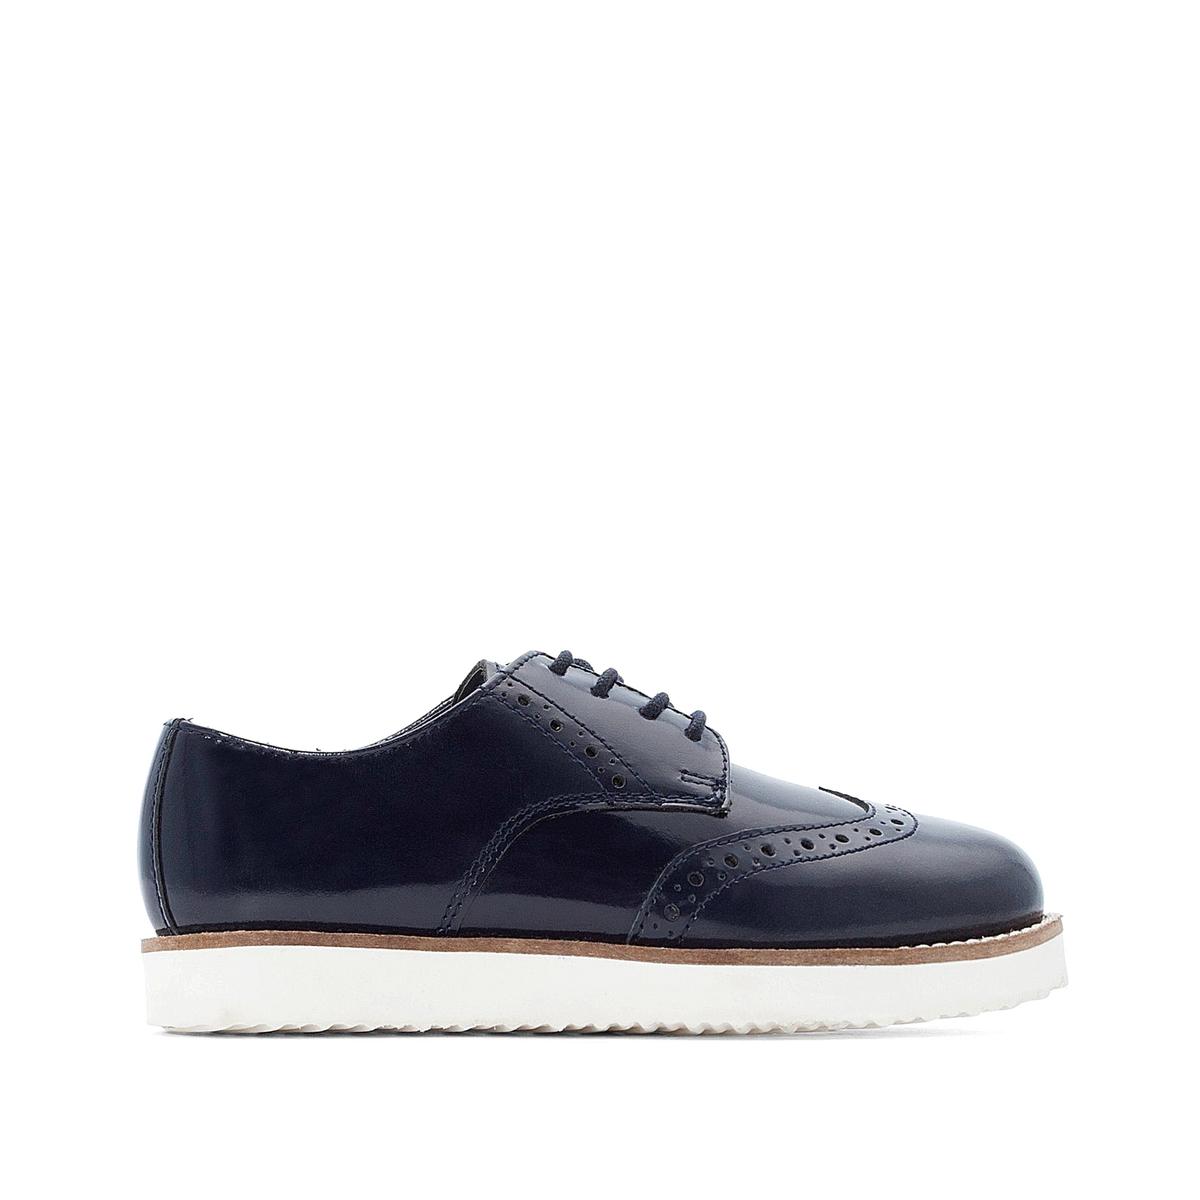 цена Ботинки-дерби La Redoute Лакированные размеры - 32 синий онлайн в 2017 году